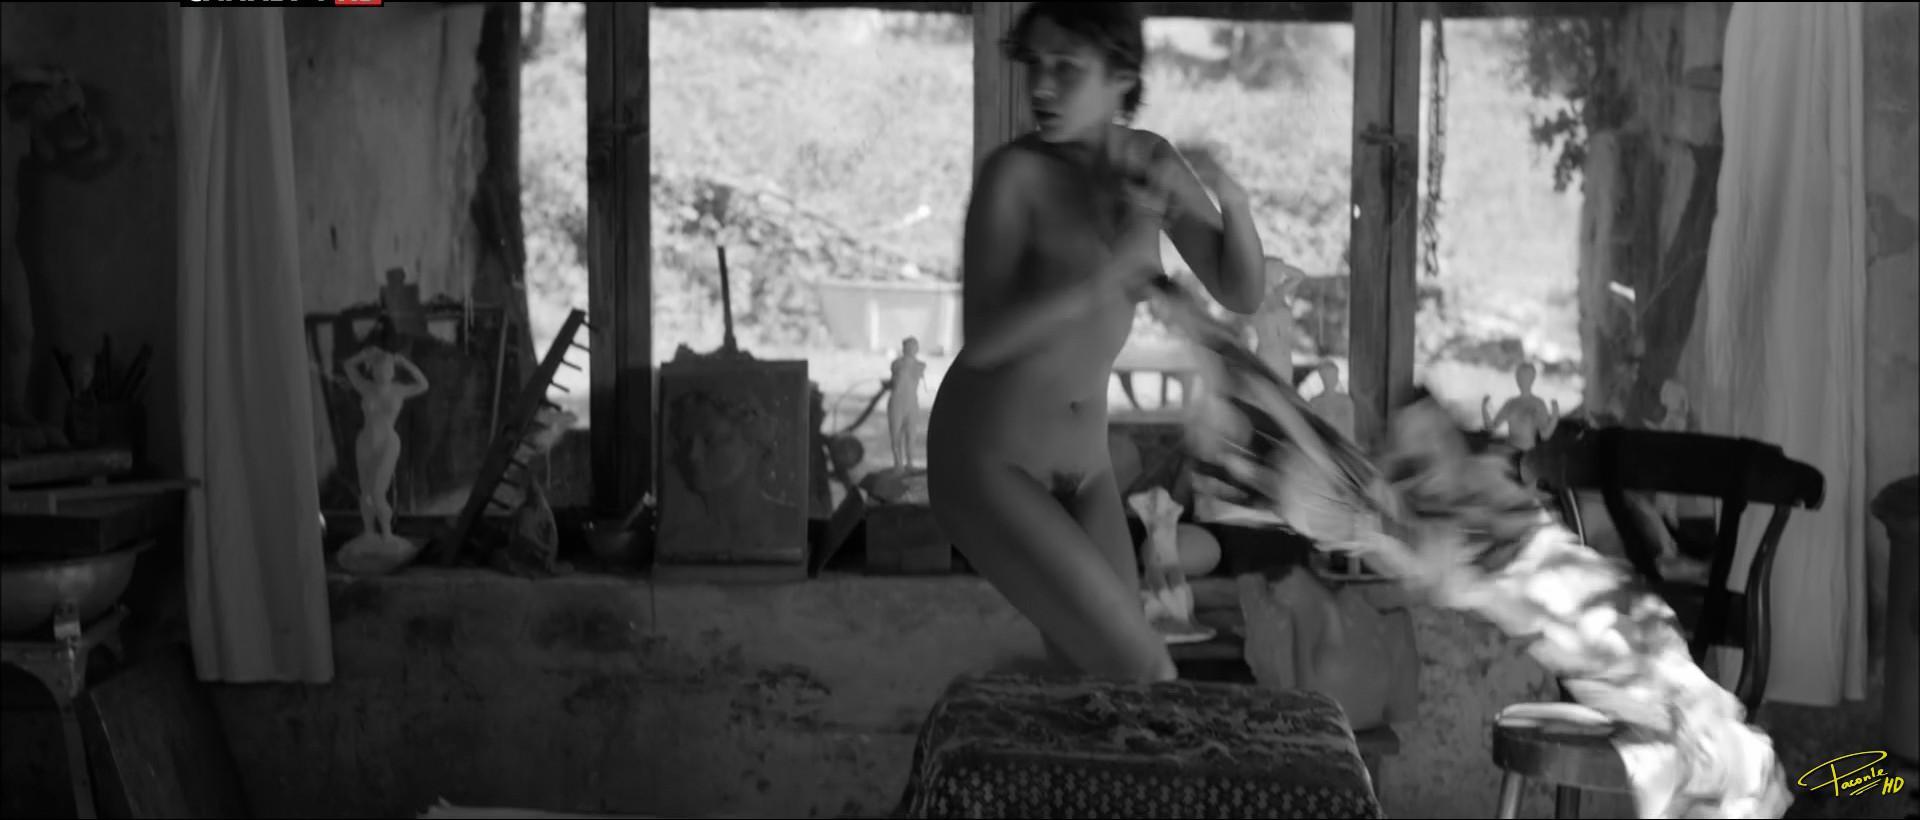 Aida folch nude fin de curso - 4 5